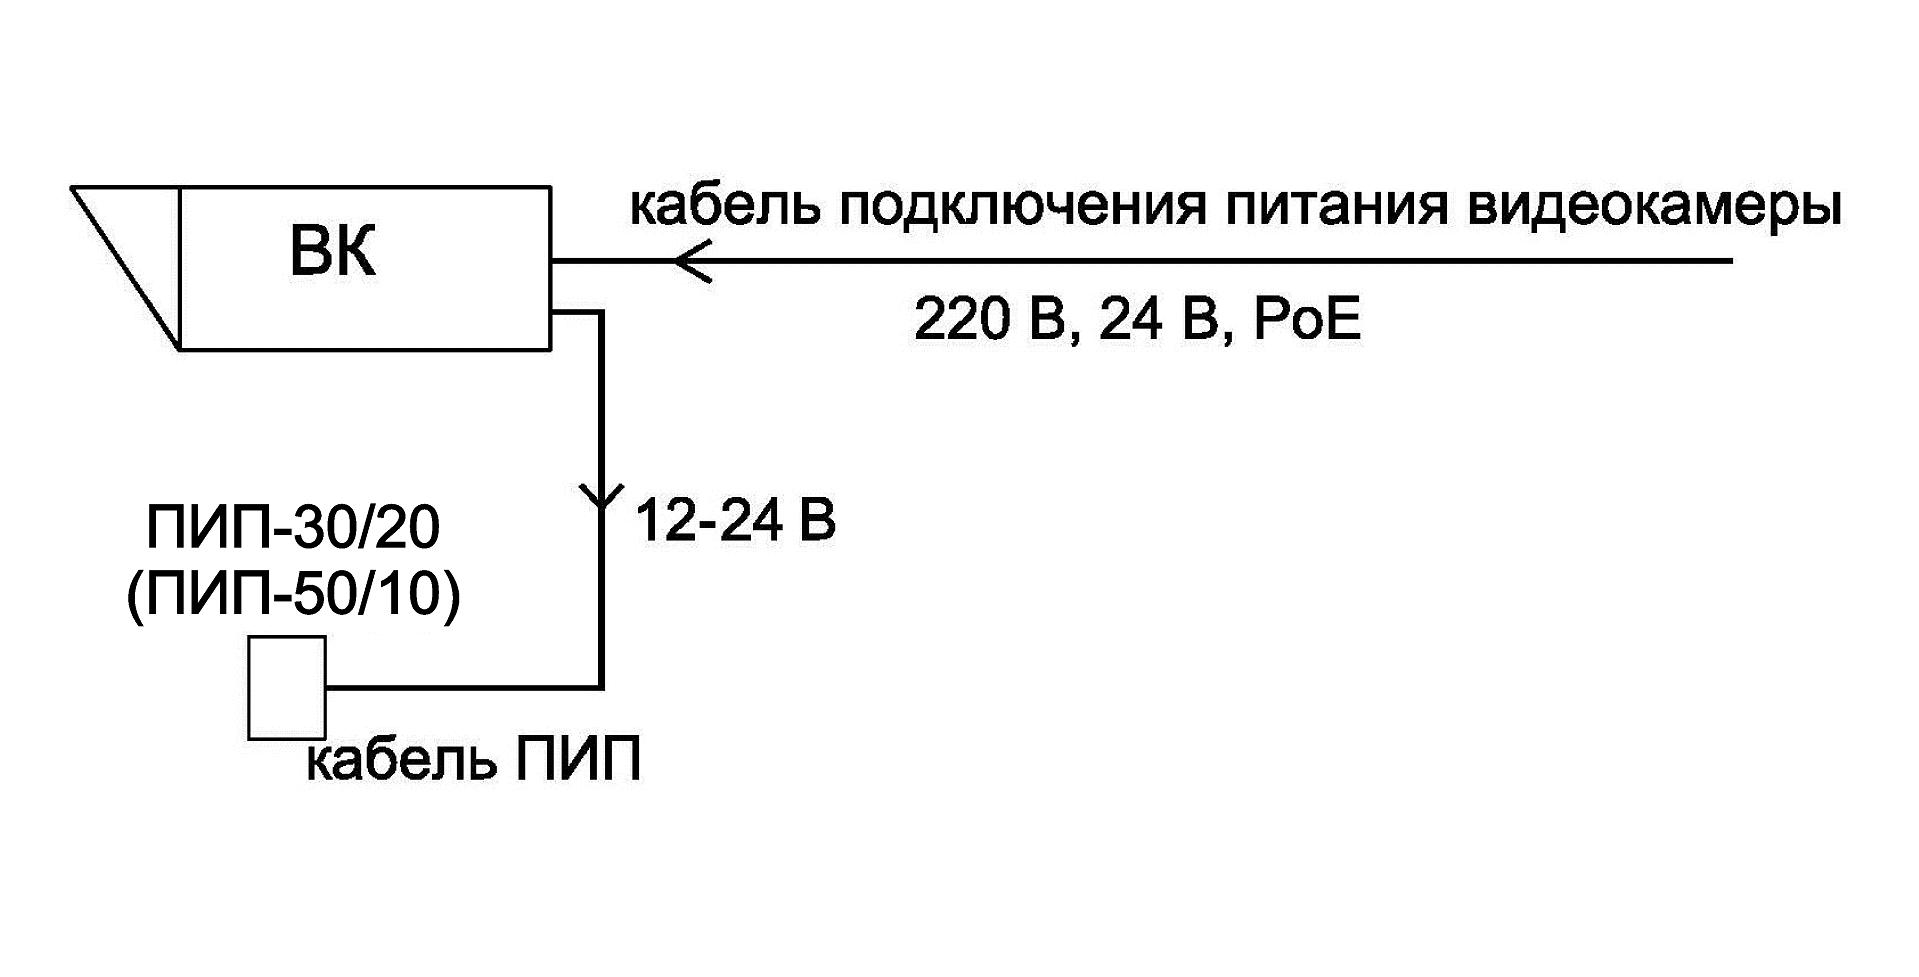 Вариант подключения питания ПИП-30/20 (ПИП-50/10) от бокса видеокамеры